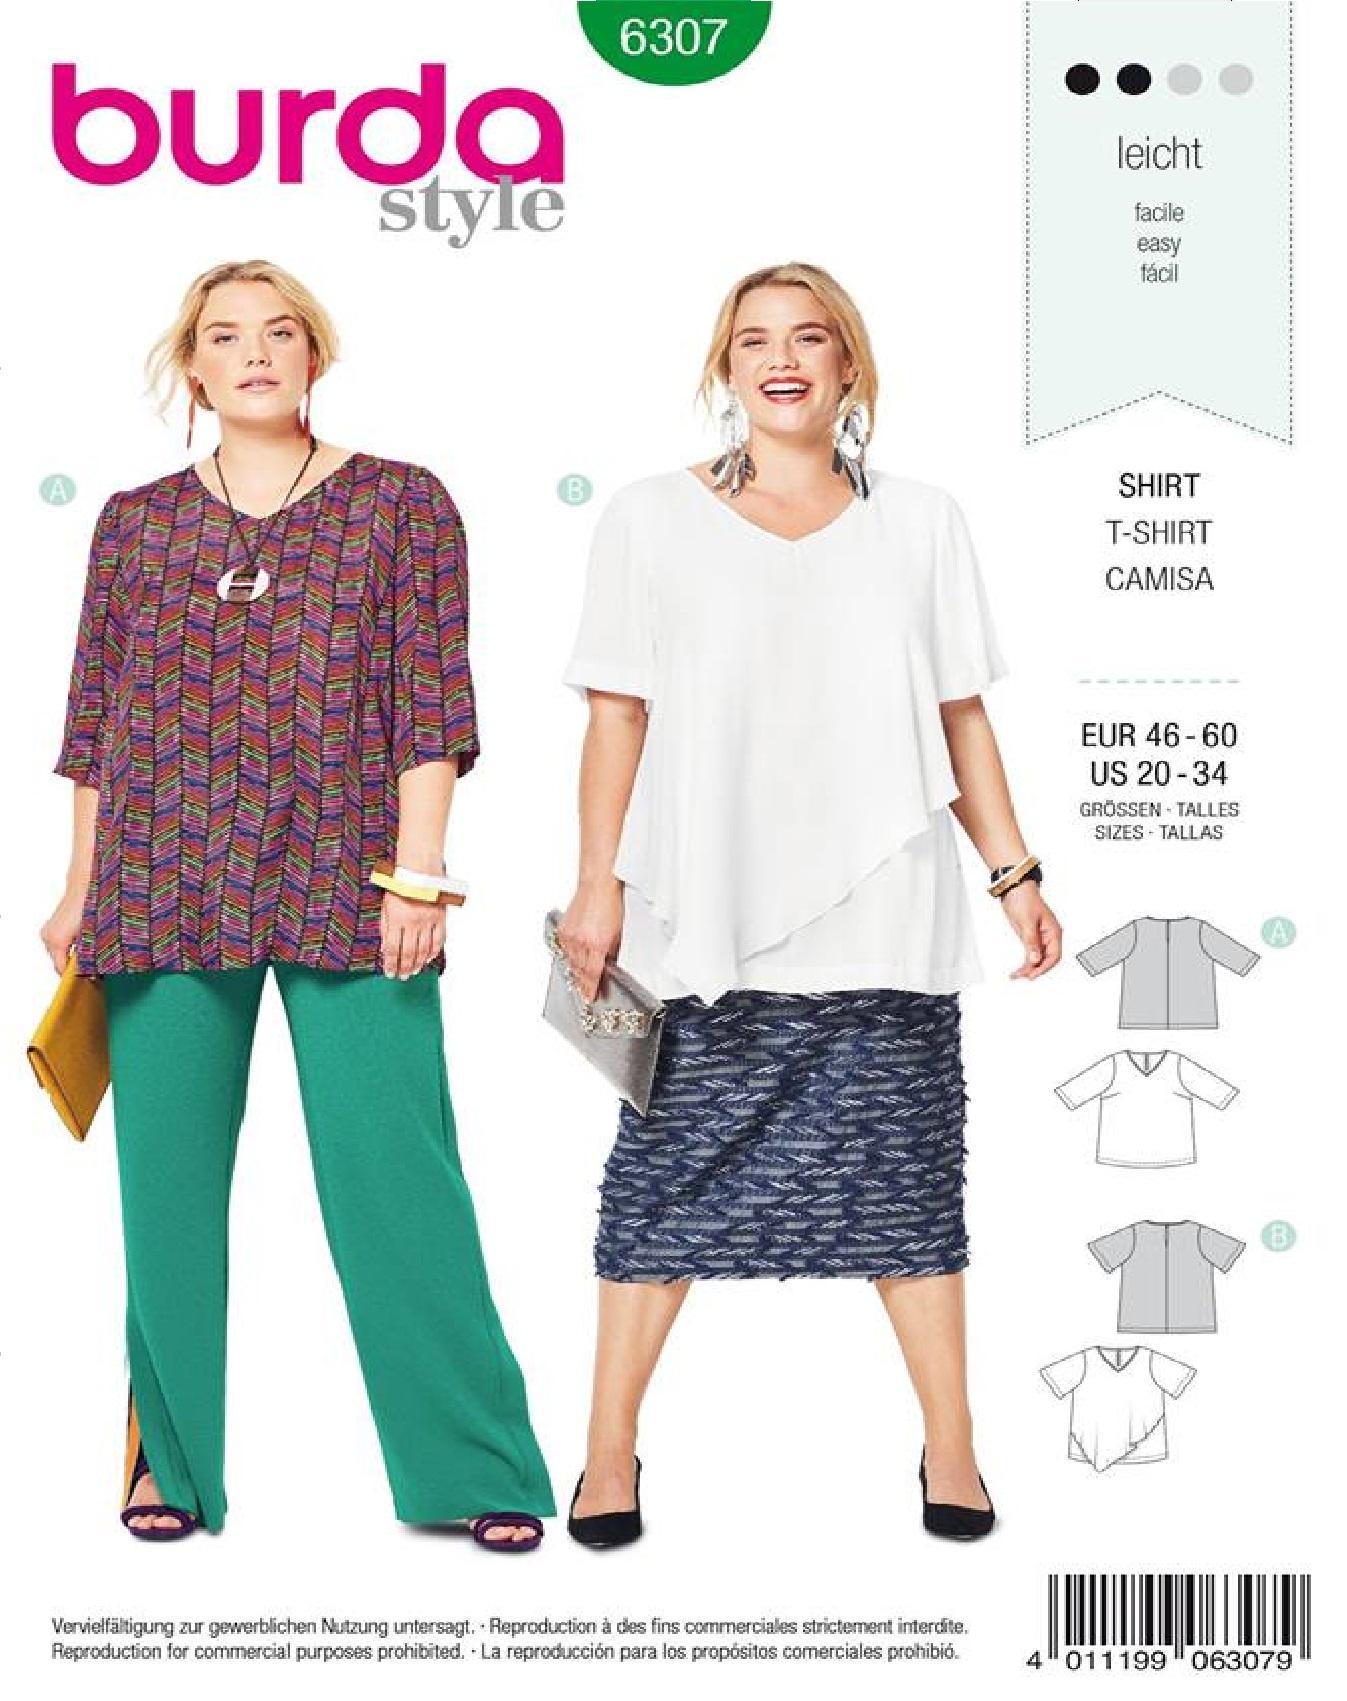 Burda Style / 6307